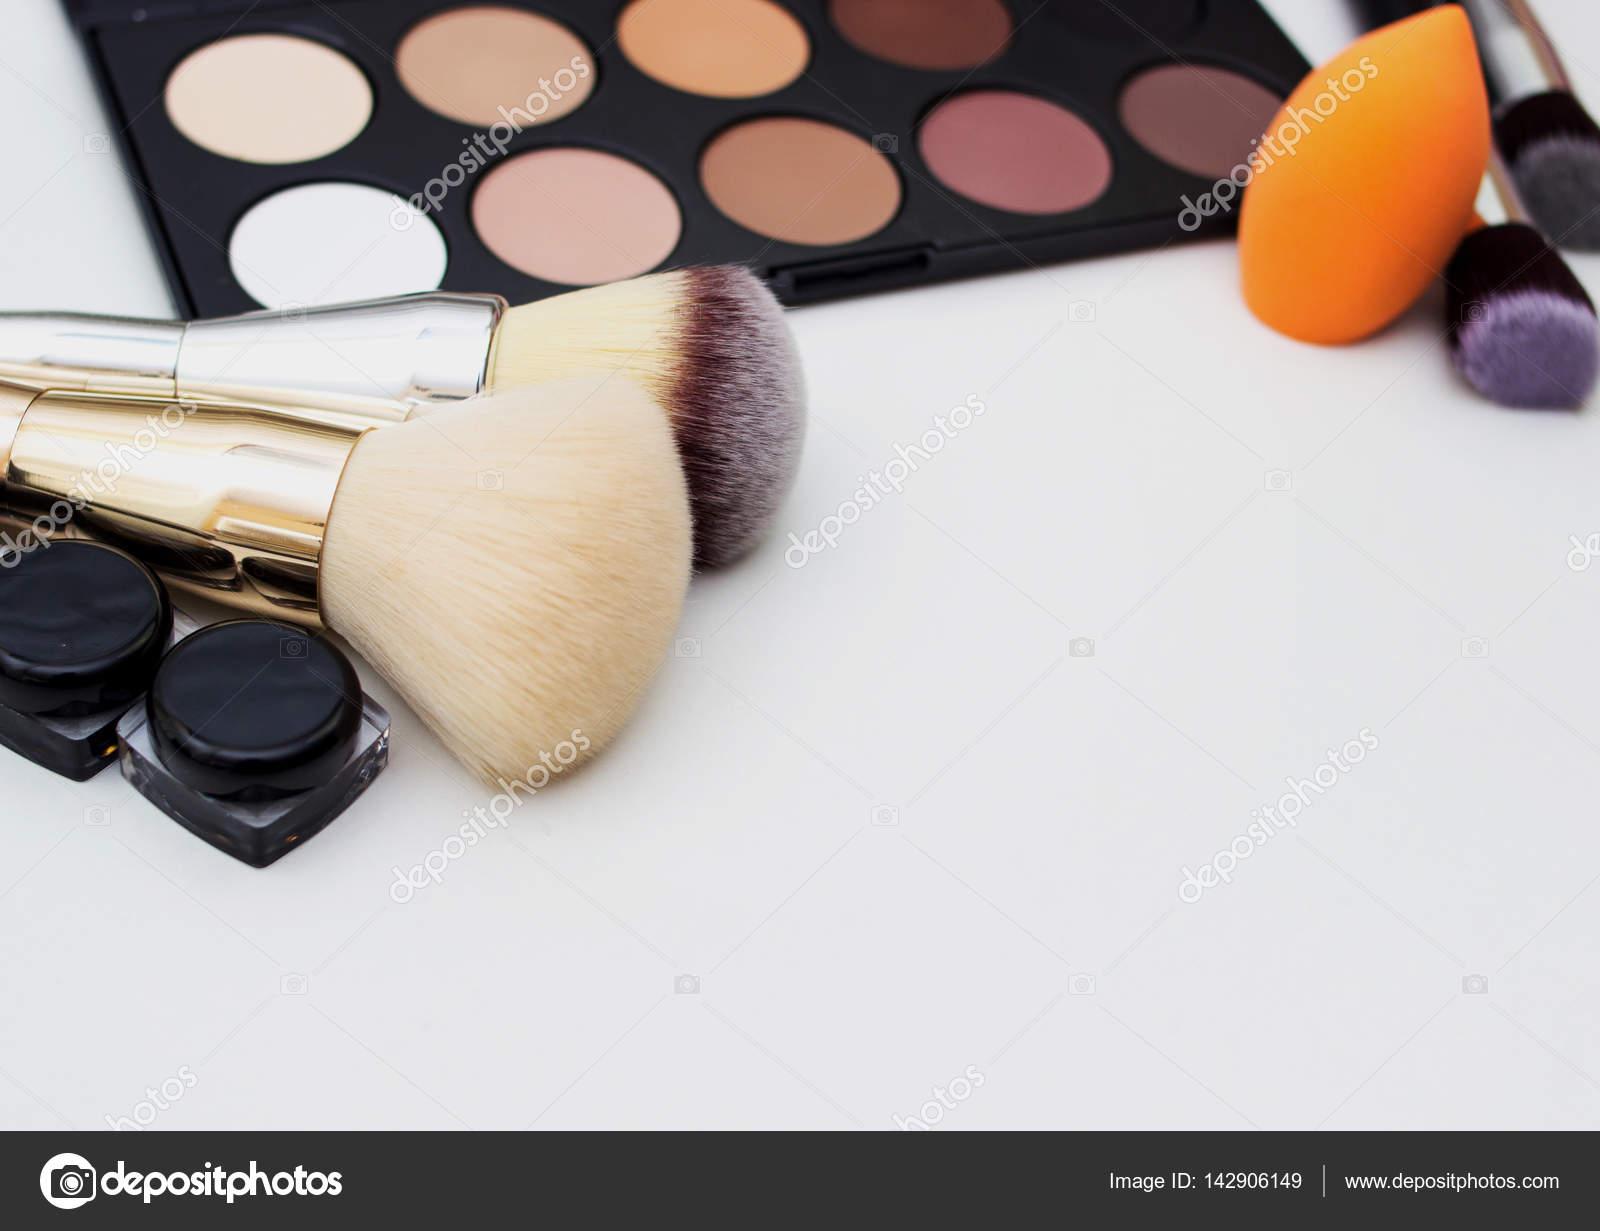 kosmetika-vse-dlya-vizazhistov